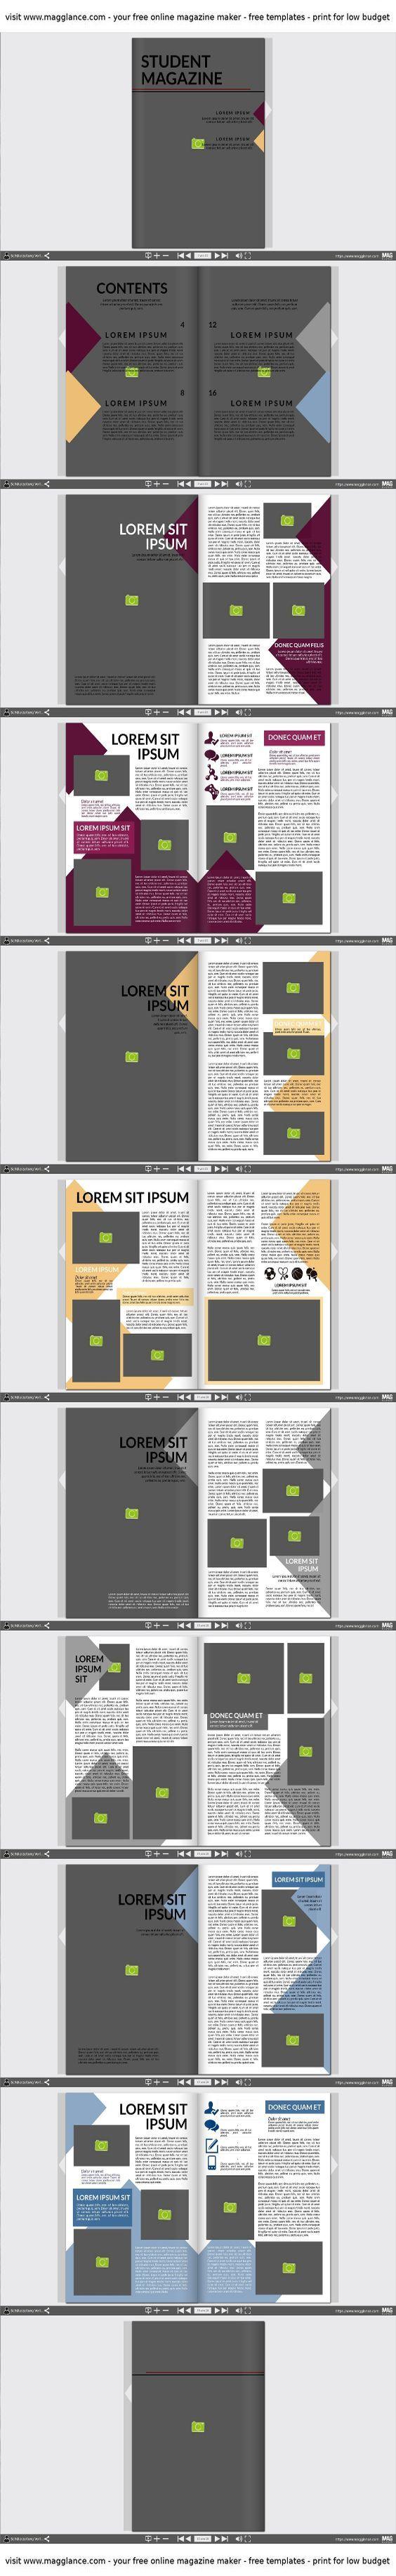 Schülerzeitung kostenlos online erstellen und günstig drucken unter https://de.magglance.com/schuelerzeitung/schuelerzeitung-erstellen #Zeitung #Magazin #Schülerzeitung #Vorlage #Design #Muster #Beispiel #Template #Gestalten #Erstellen #Schule #Layout #Idee